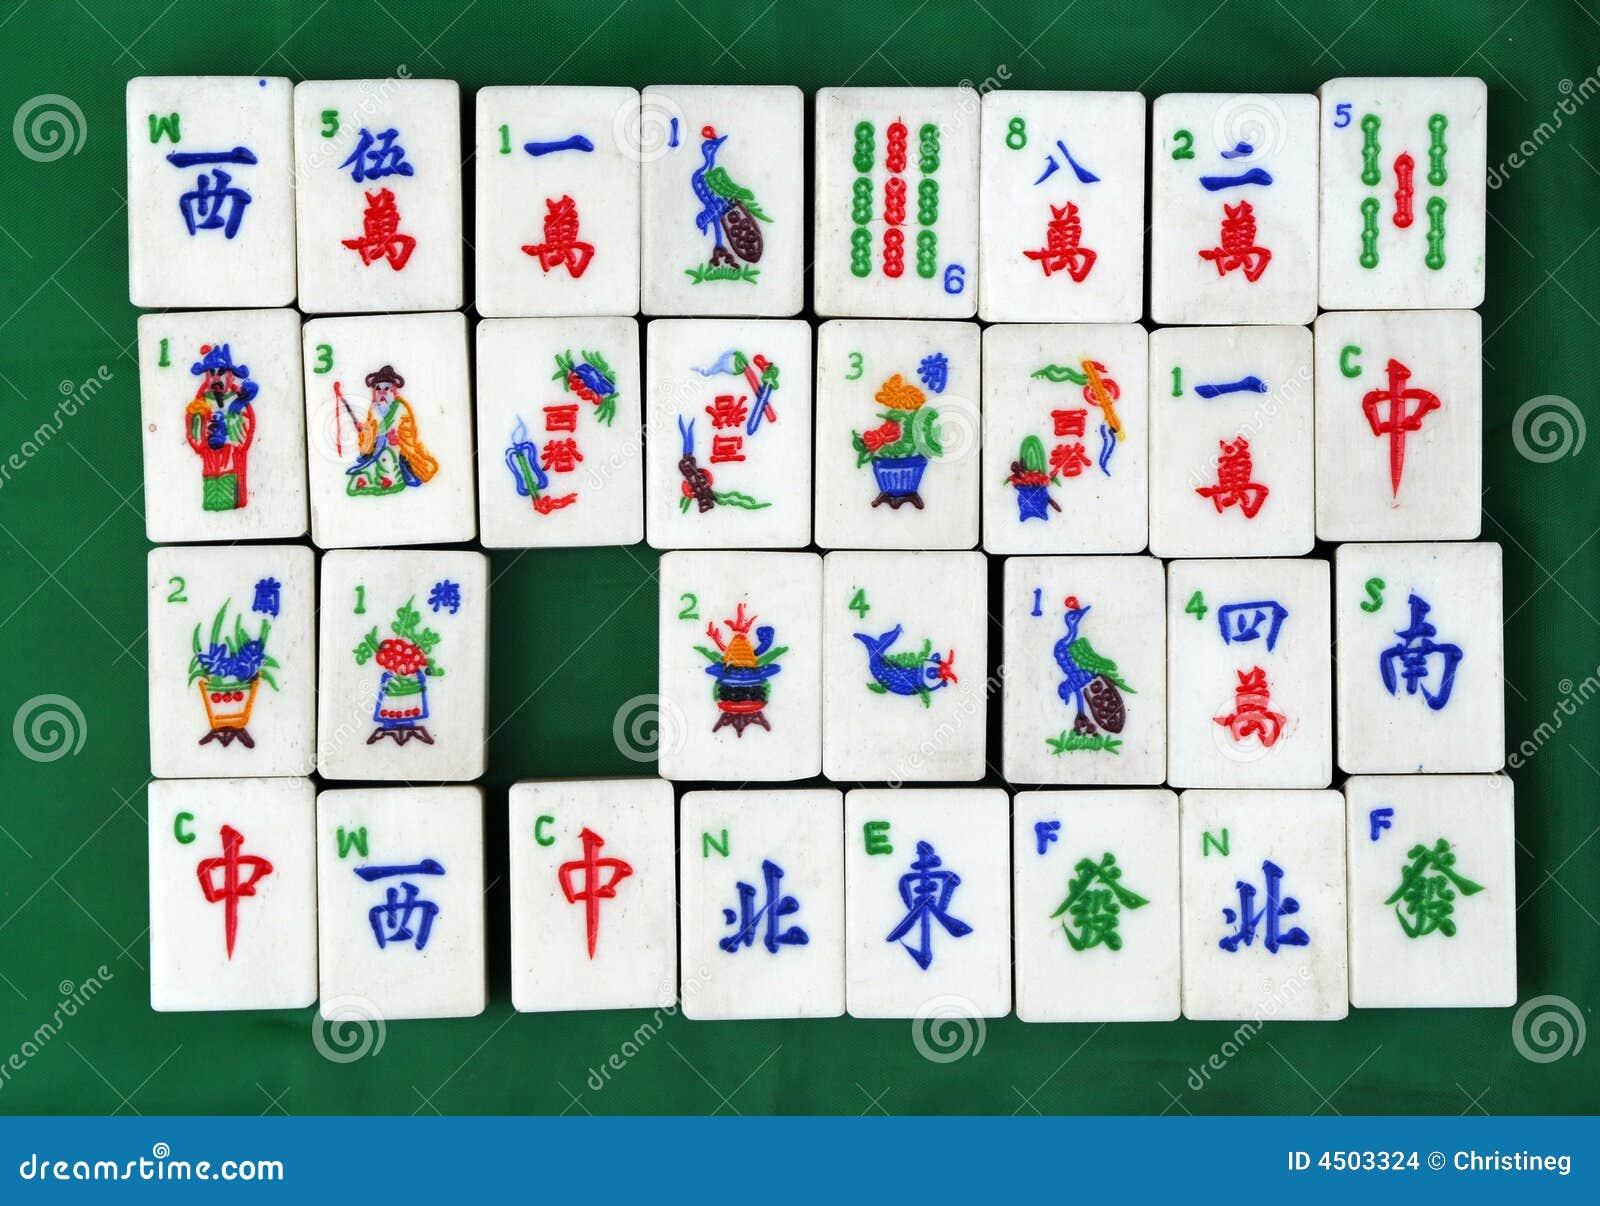 Mahjong titans download.